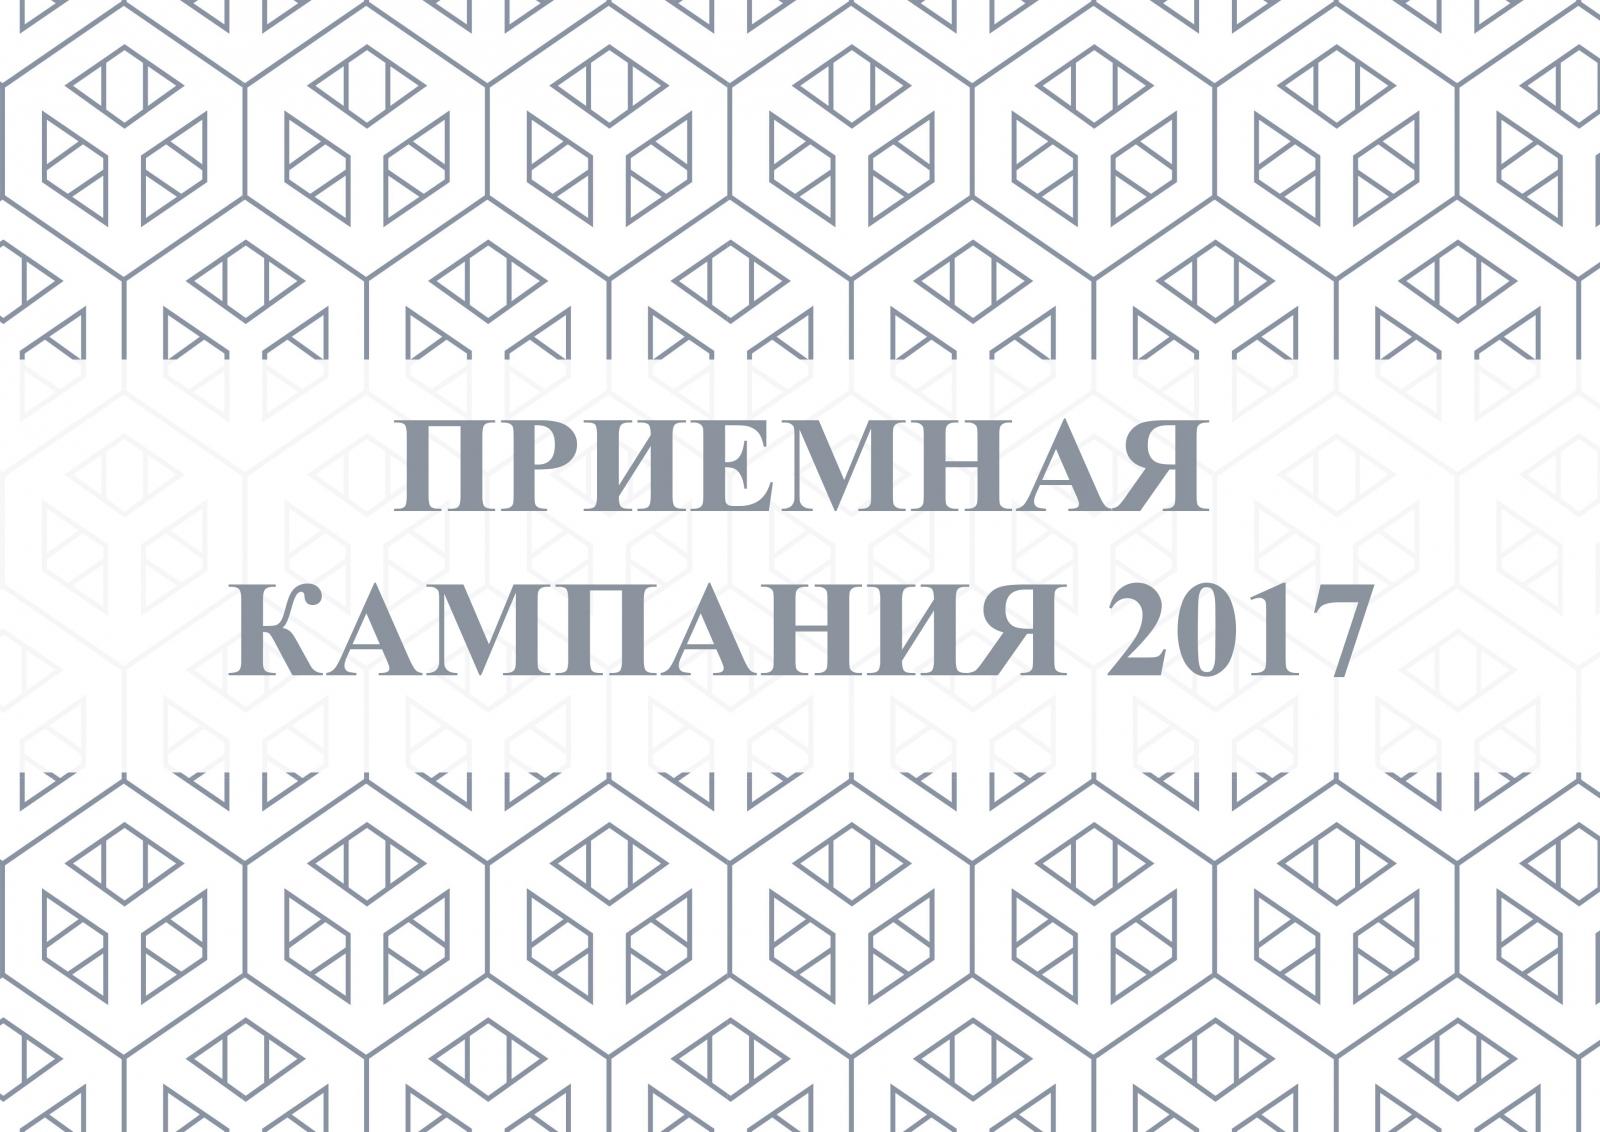 Приемная кампания 2017